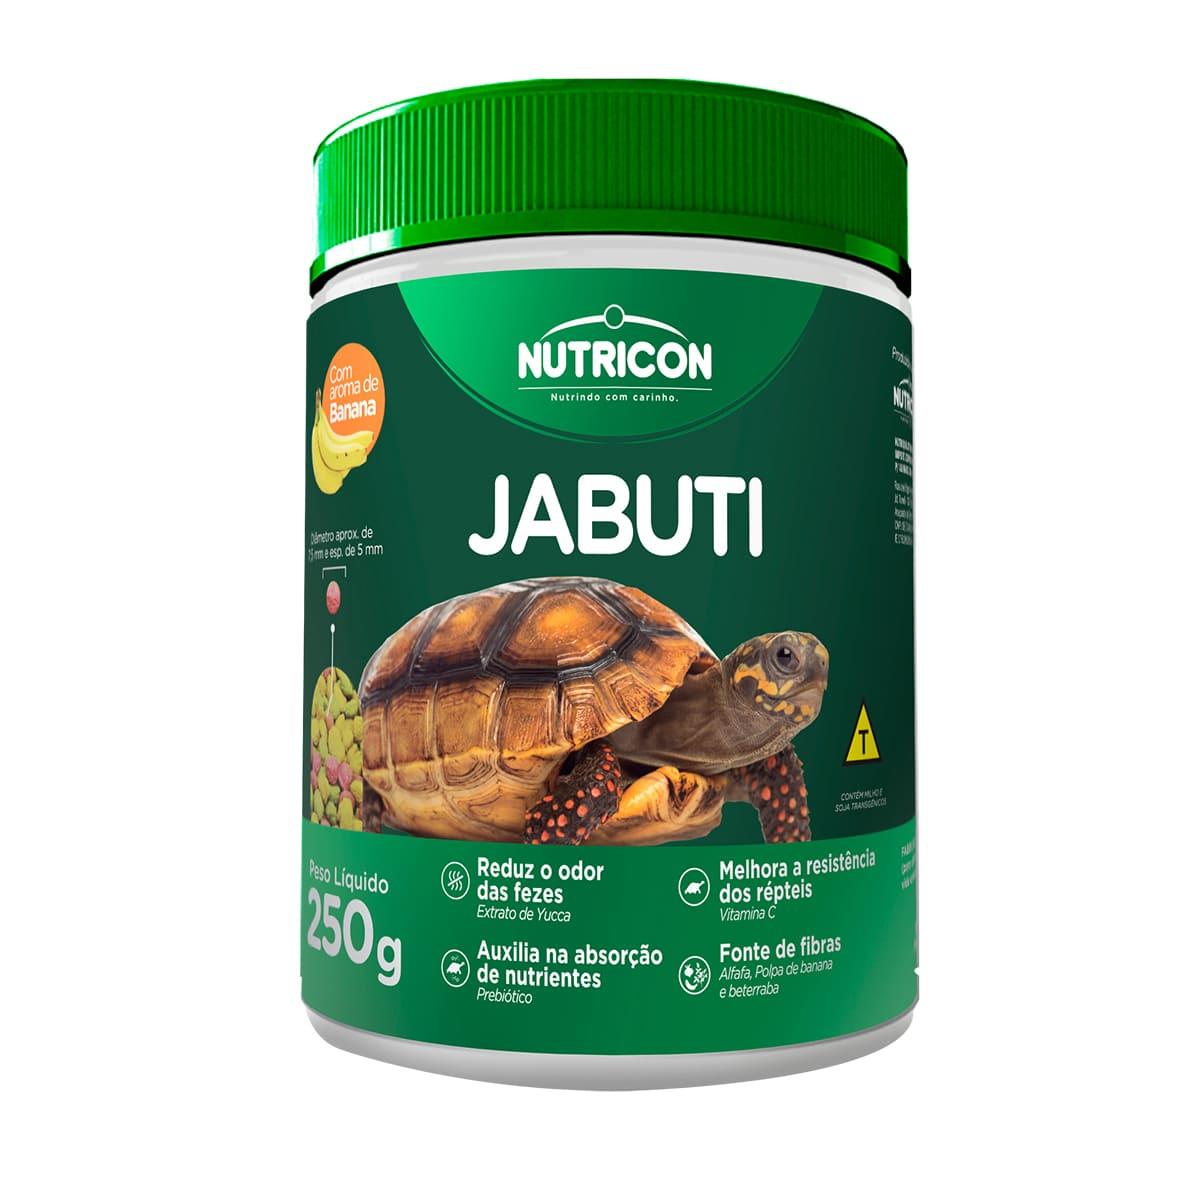 Ração Nutricon Jabuti 250g - Alimento com Aroma de Banana